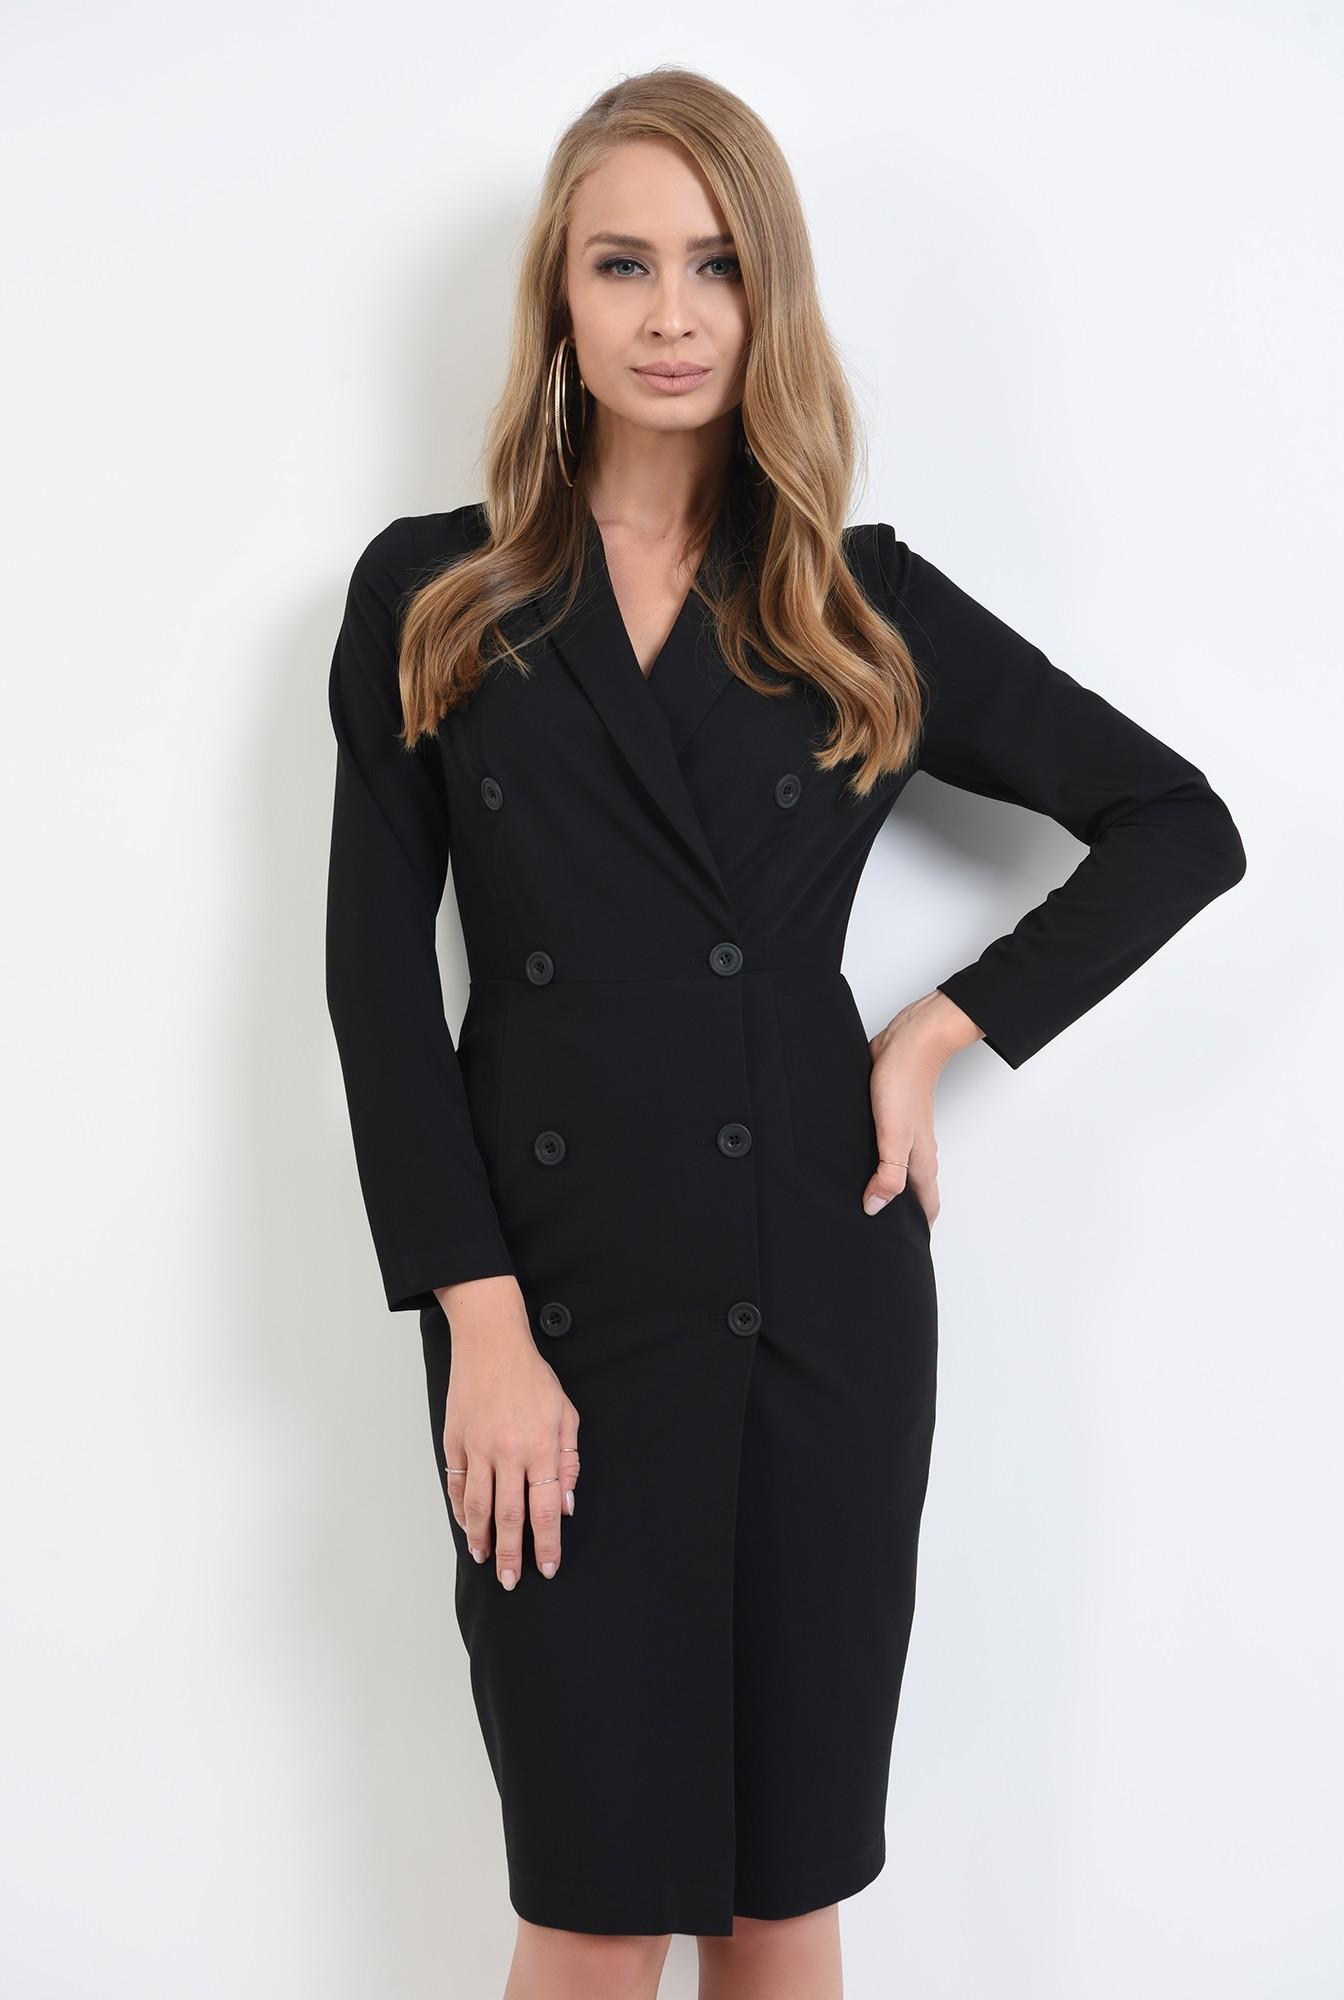 0 - 360 - rochie neagra, midi, cu revere